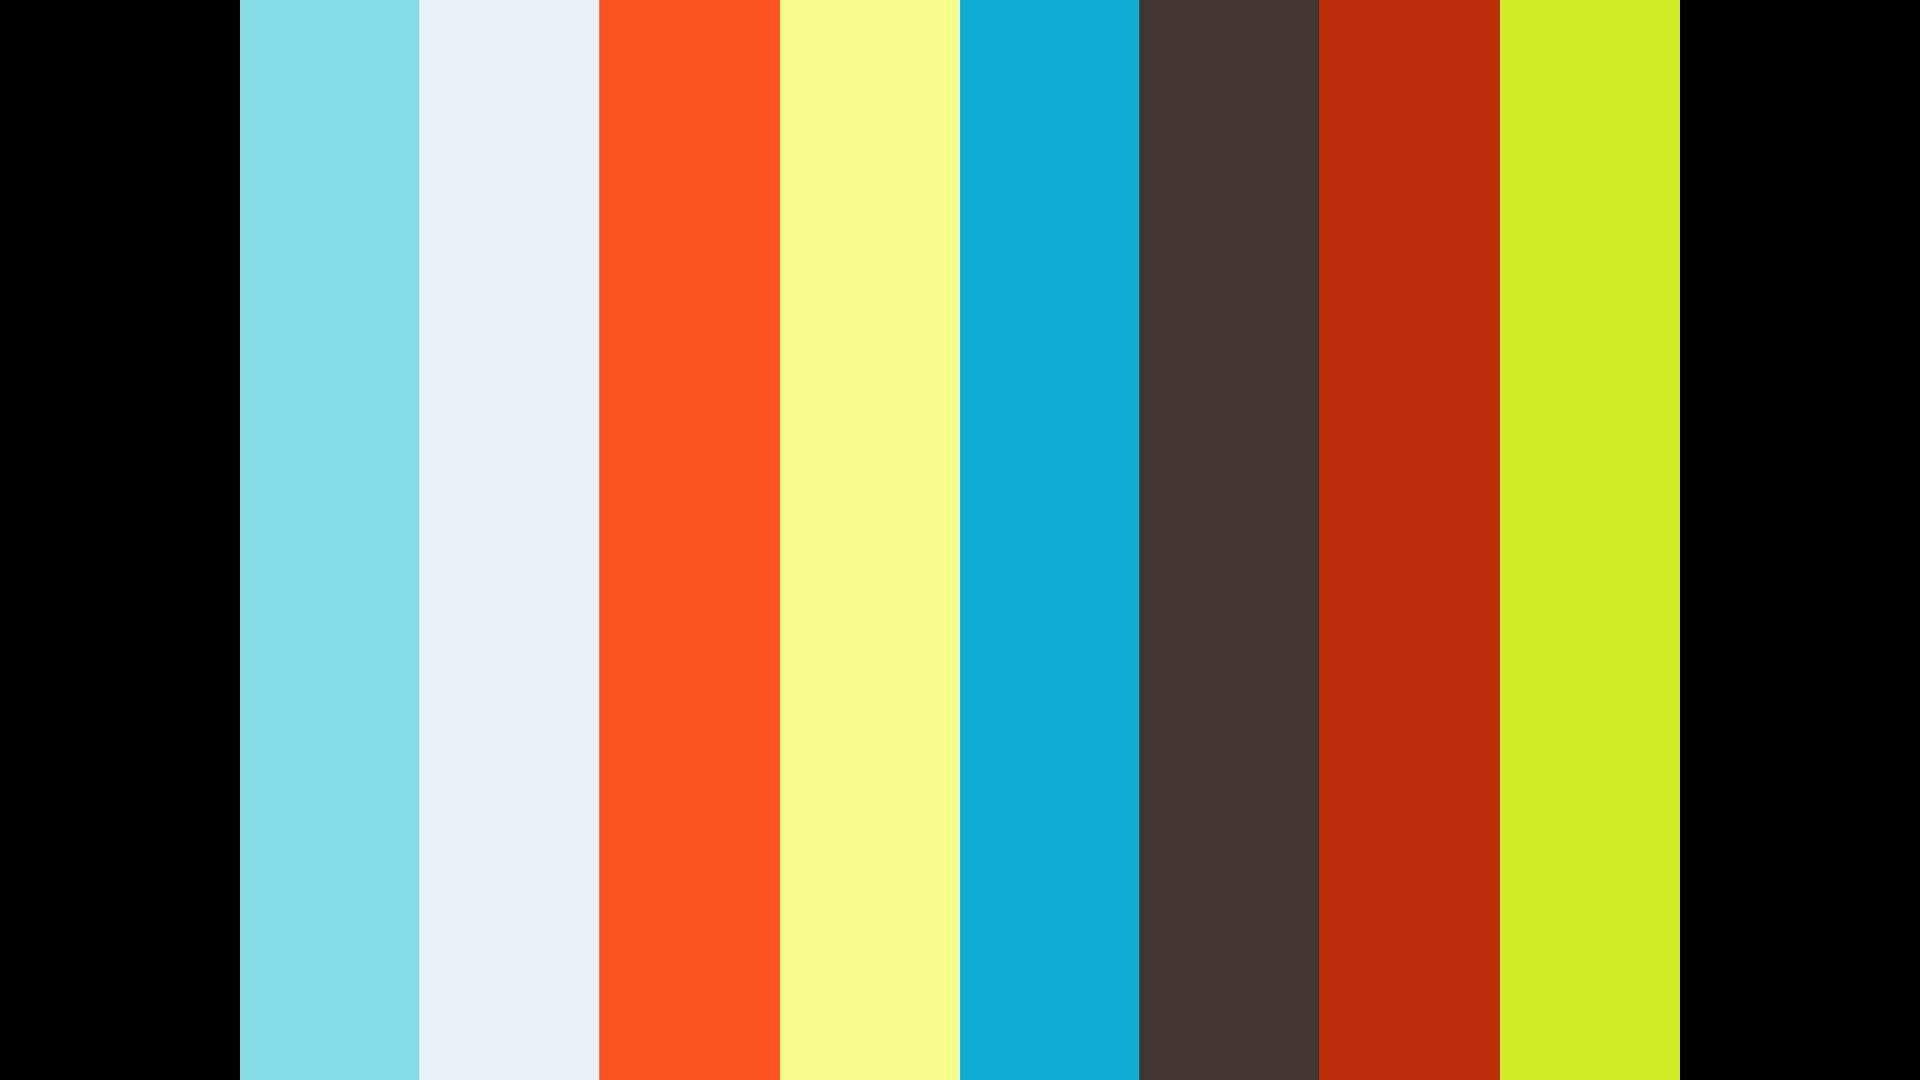 <p><u>Polsterm&ouml;bel-Programm Caspian</u><br /> Ausgestattet mit dem besonderen Rhombo fill-Sitzkomfort sind diese Polsterm&ouml;bel besonders anschmiegsam. Durch den gro&szlig;en Typenplan k&ouml;nnen wir die Garnitur mit verschiedenen Elementen sowie Ecken oder Longchairs perfekt an ihre Gegebenheiten anpassen. Der passende Sessel ist ebenfalls in vielen verschiedenen Varianten erh&auml;ltlich.</p>